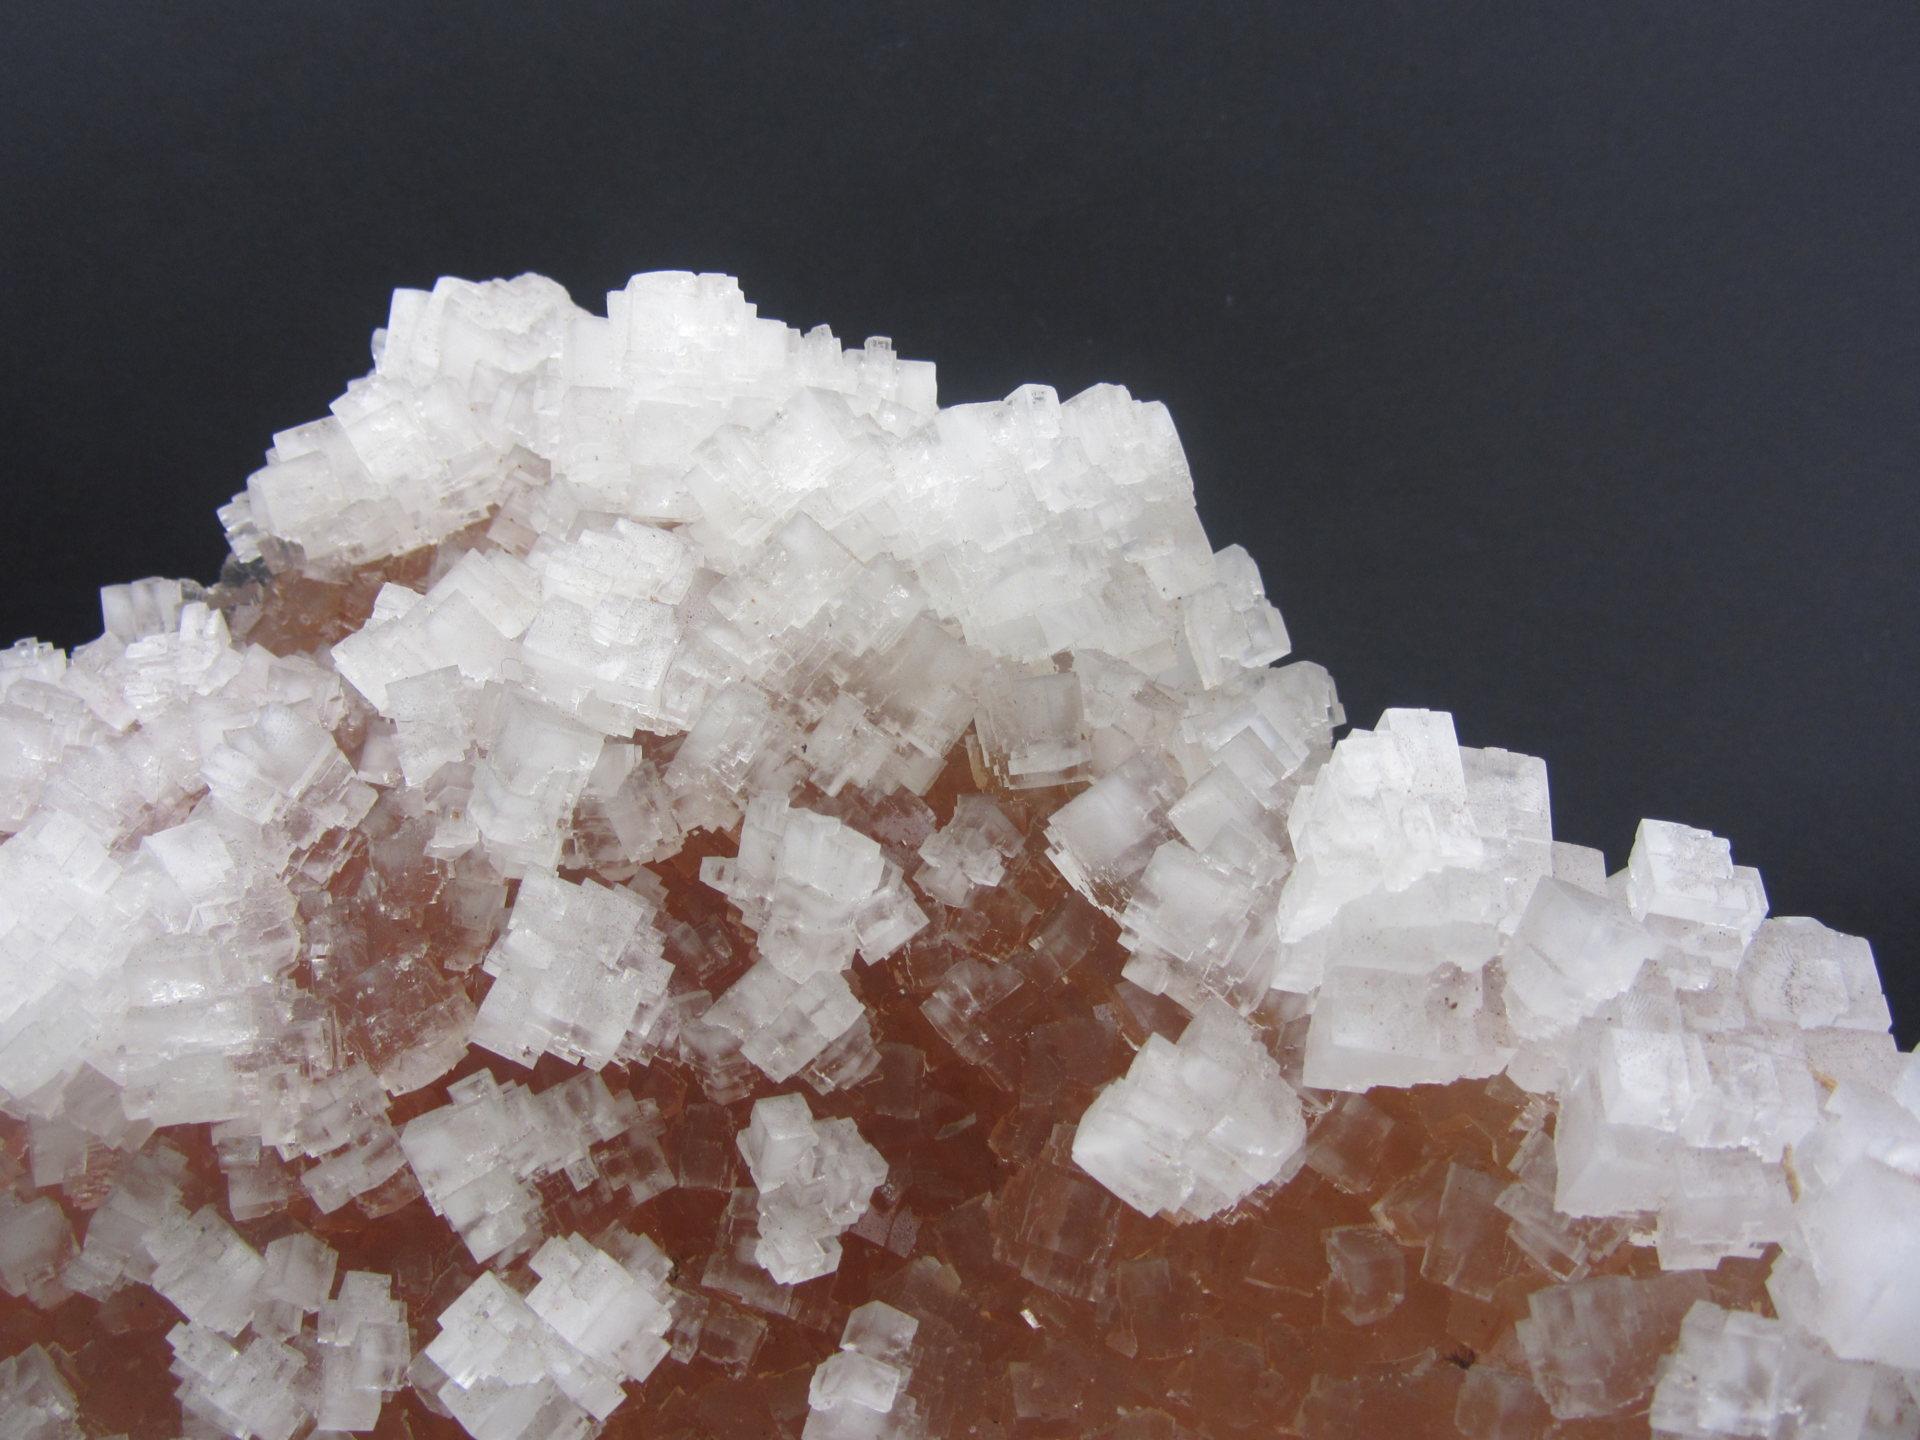 Kryształy minerału halitu, czyli soli kamiennej.